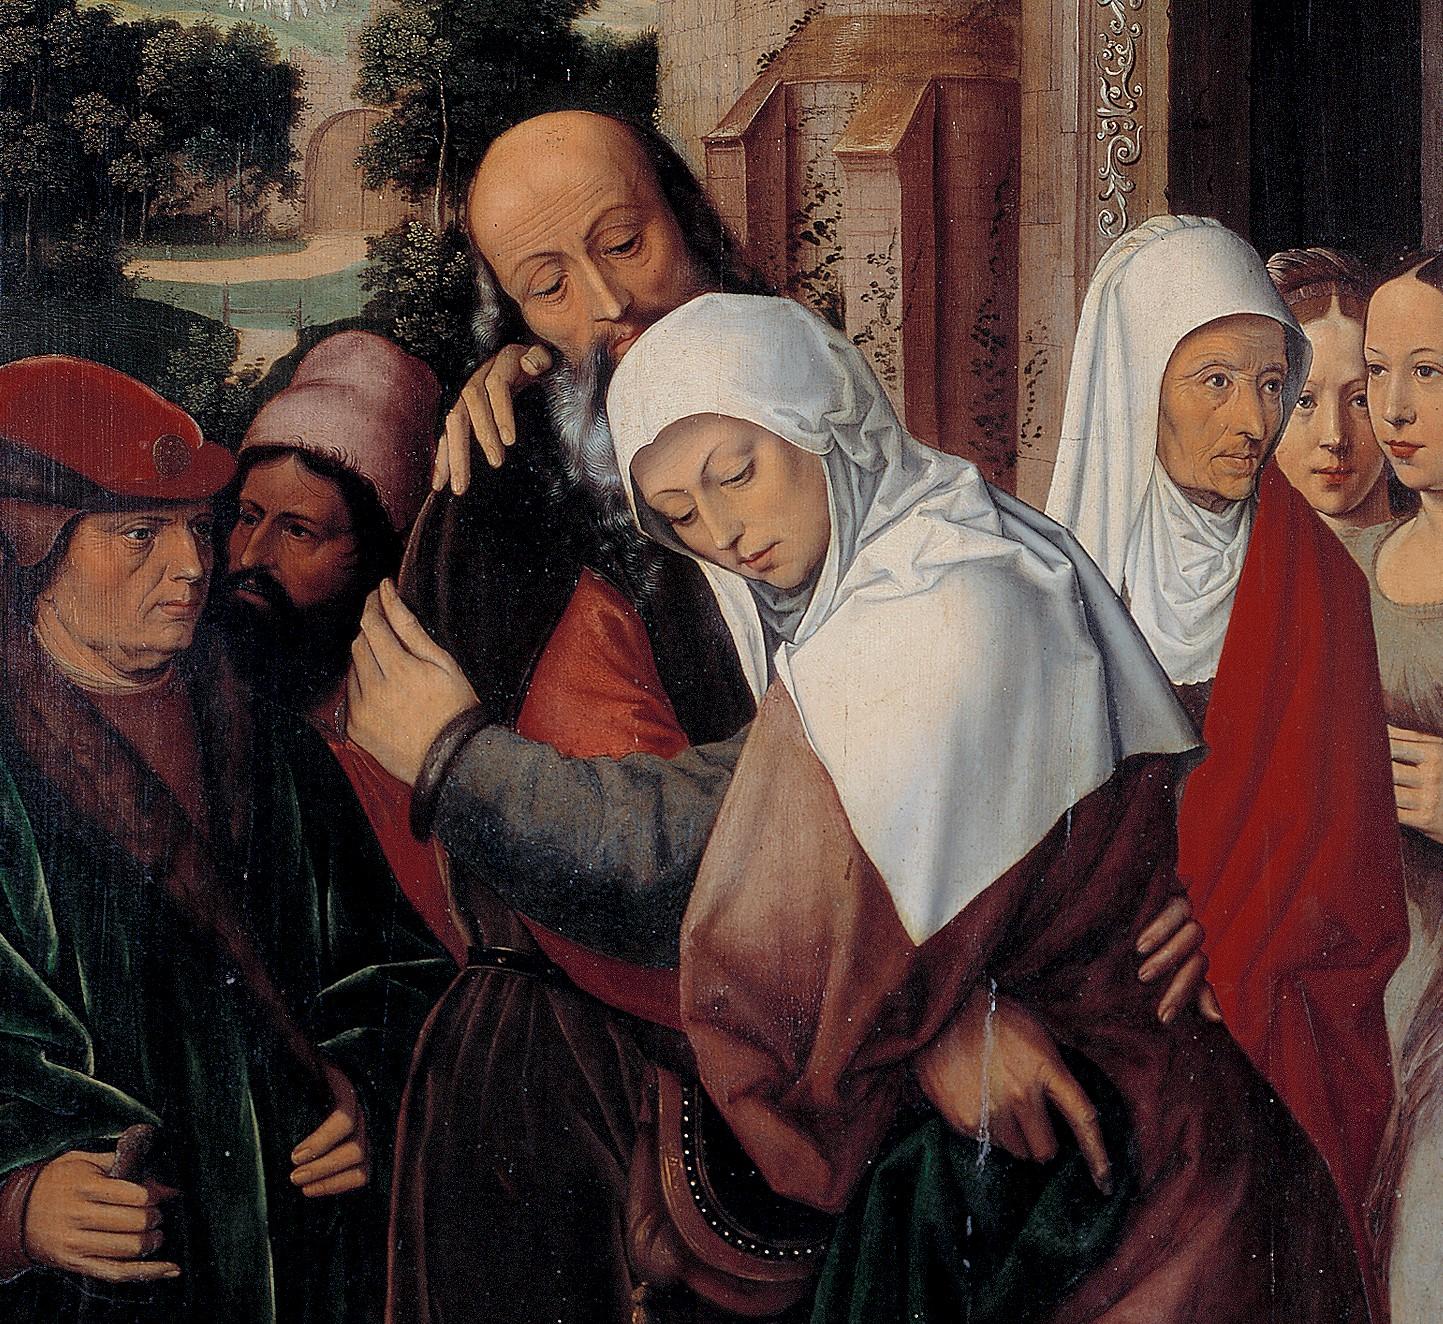 Ambrosius_Benson_-_El_abrazo_de_San_Joaquin_y_Santa_Ana_ante_la_puerta_dorada,_Museo_del_Prado_(Madrid) (2)